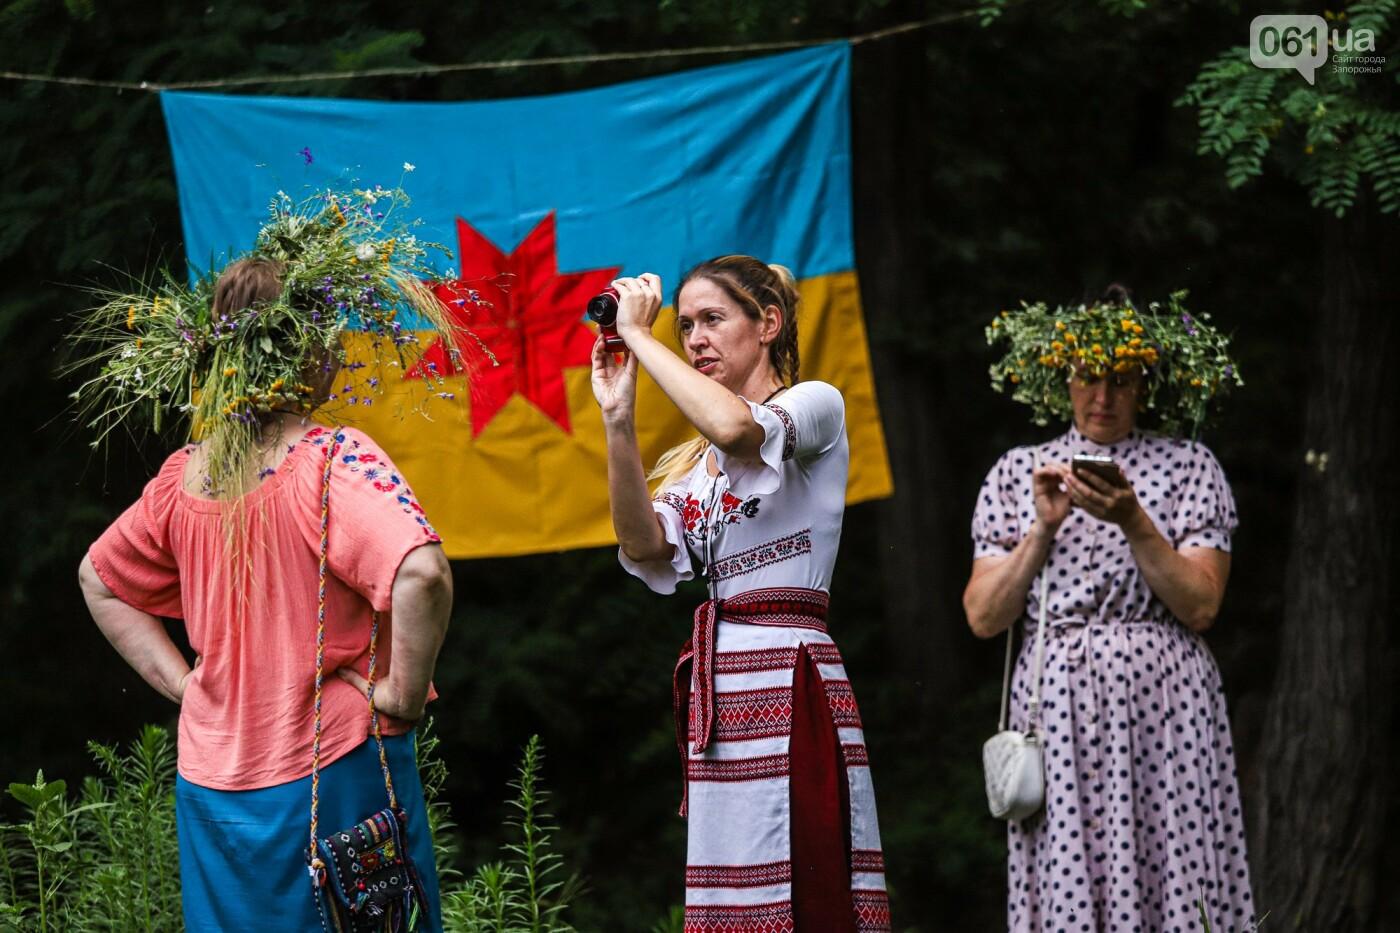 Огонь и дубовые венки: как на Хортице отметили праздник Перуна, - ФОТОРЕПОРТАЖ, фото-14